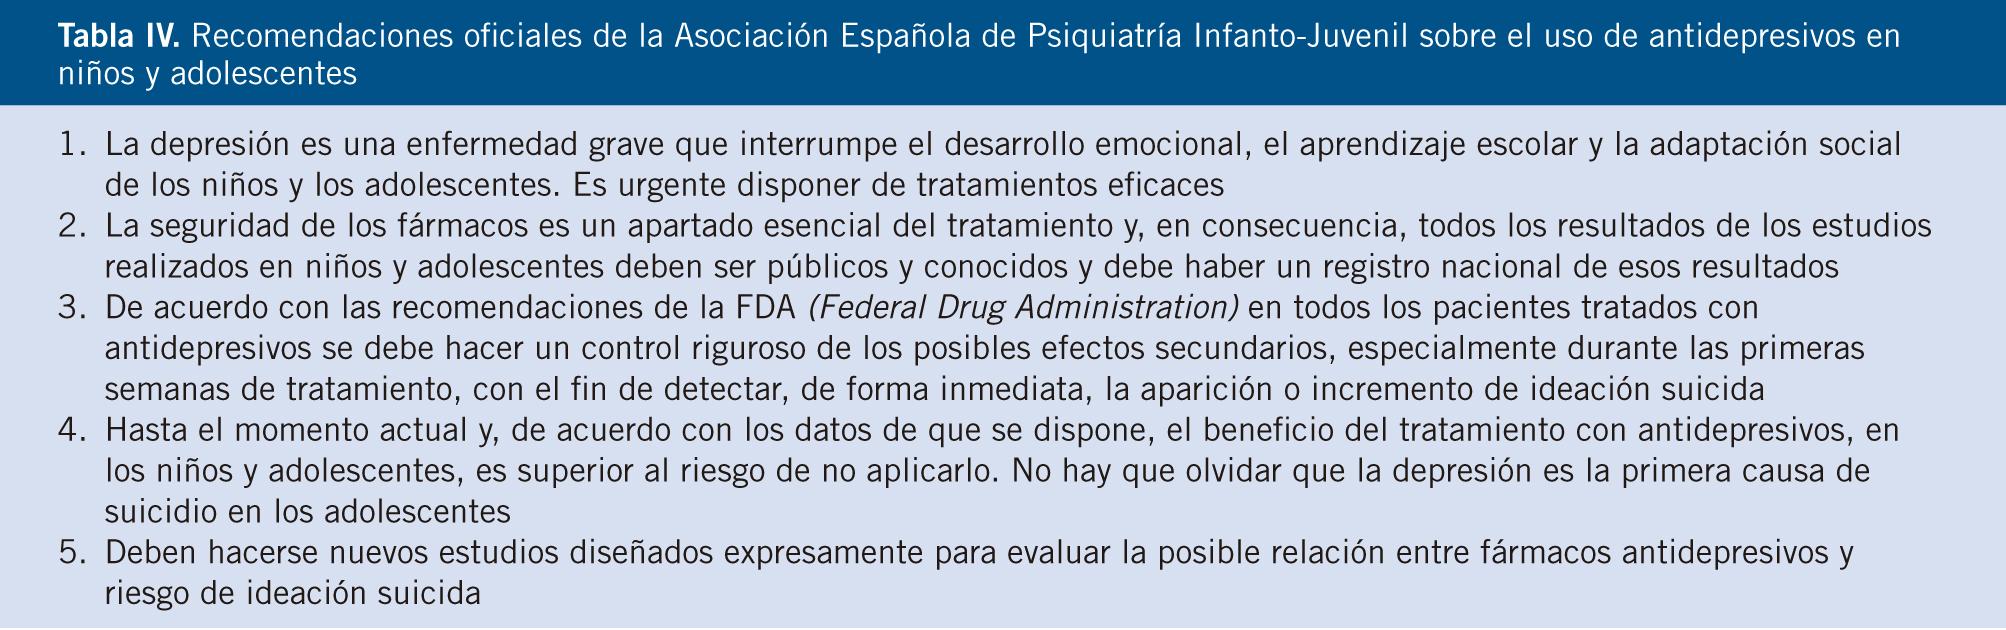 doxycycline effects